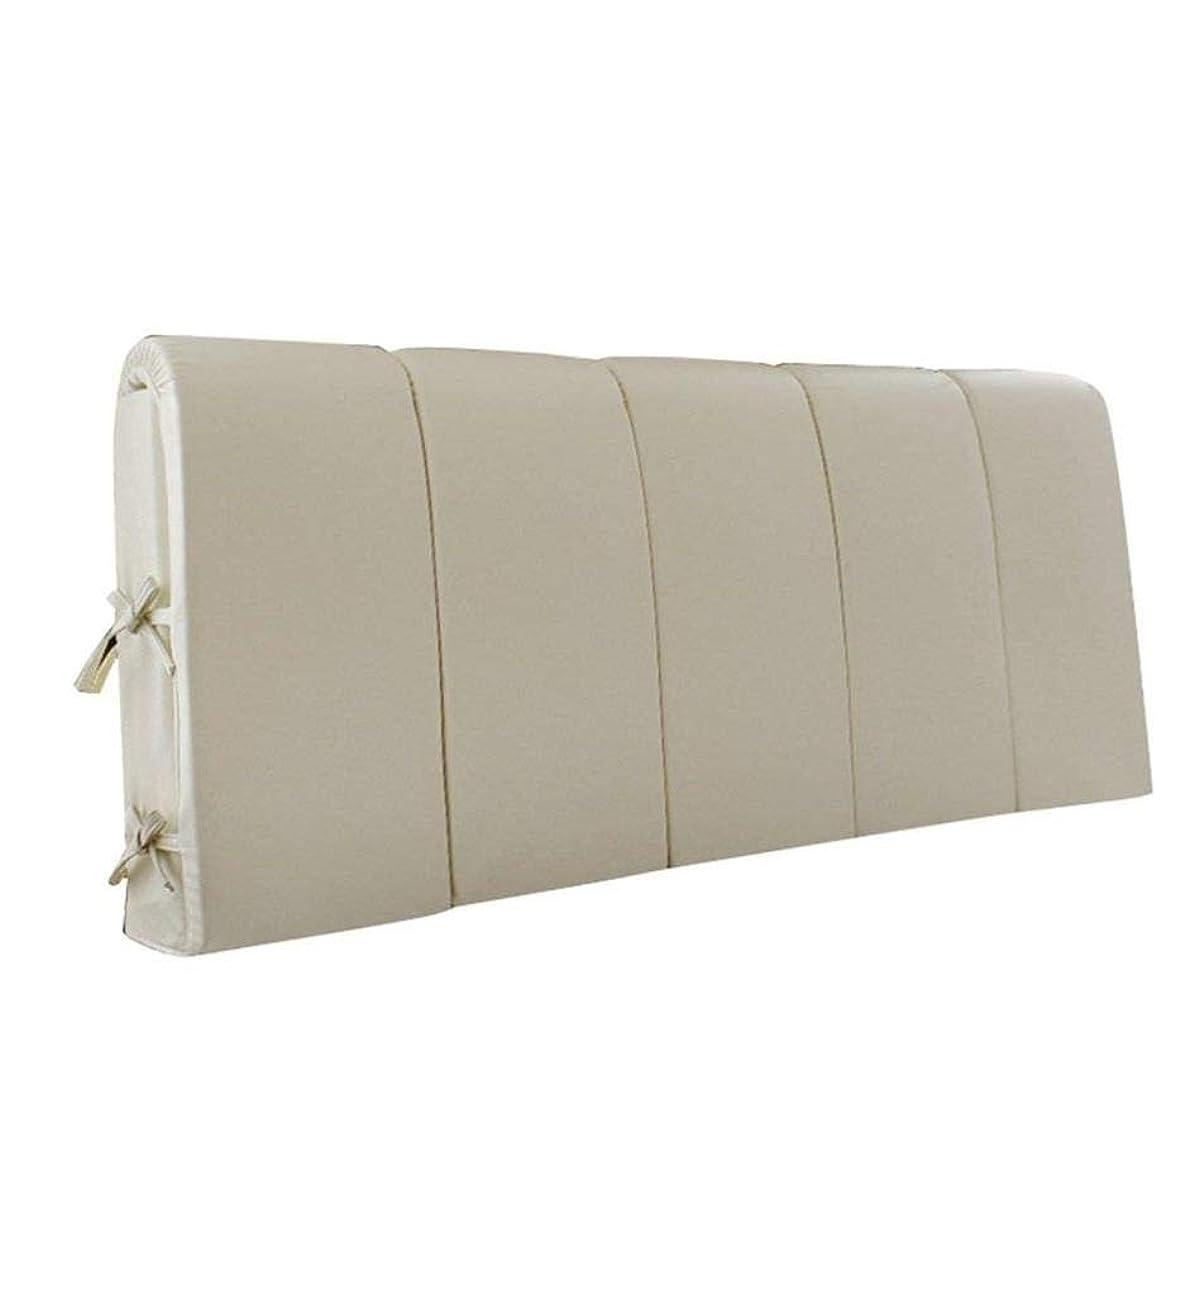 単調な干渉する考慮畳ベッドヘッドクッション壁に直接衝突防止ソフトバッグダブルいいえベッドヘッドクッション洗える生地背もたれ(200×4×60 cm)